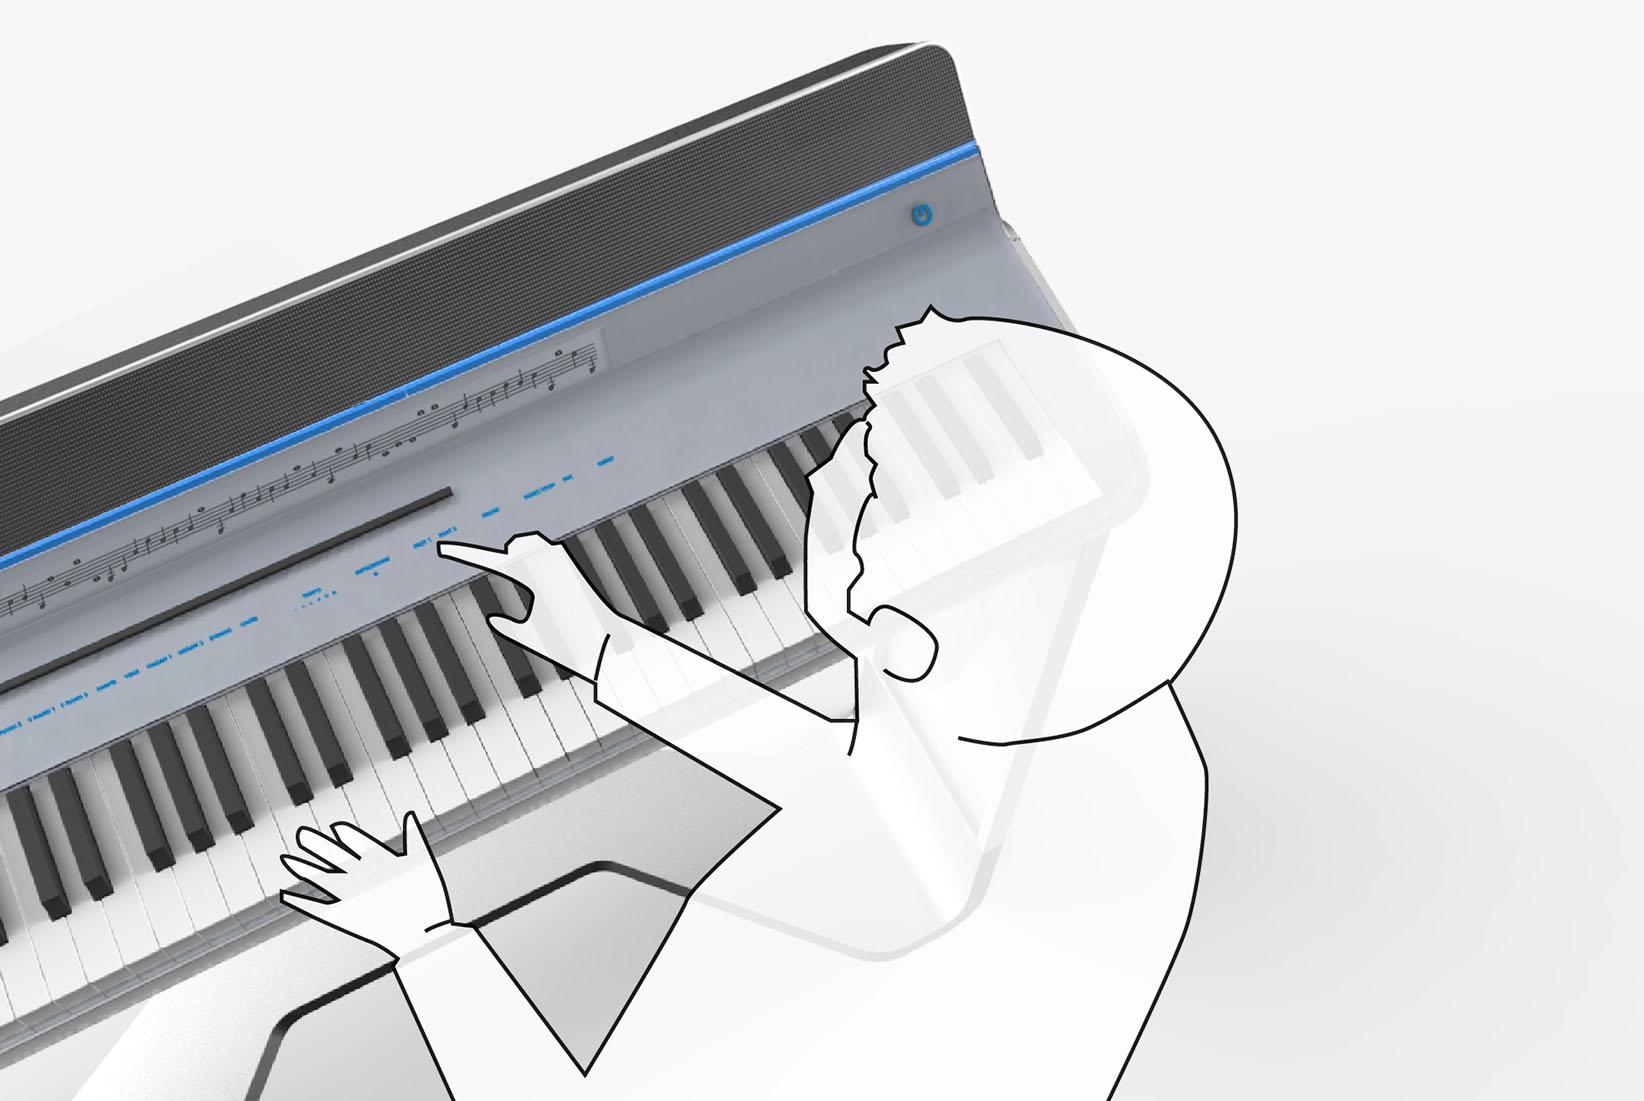 piano-07.jpg